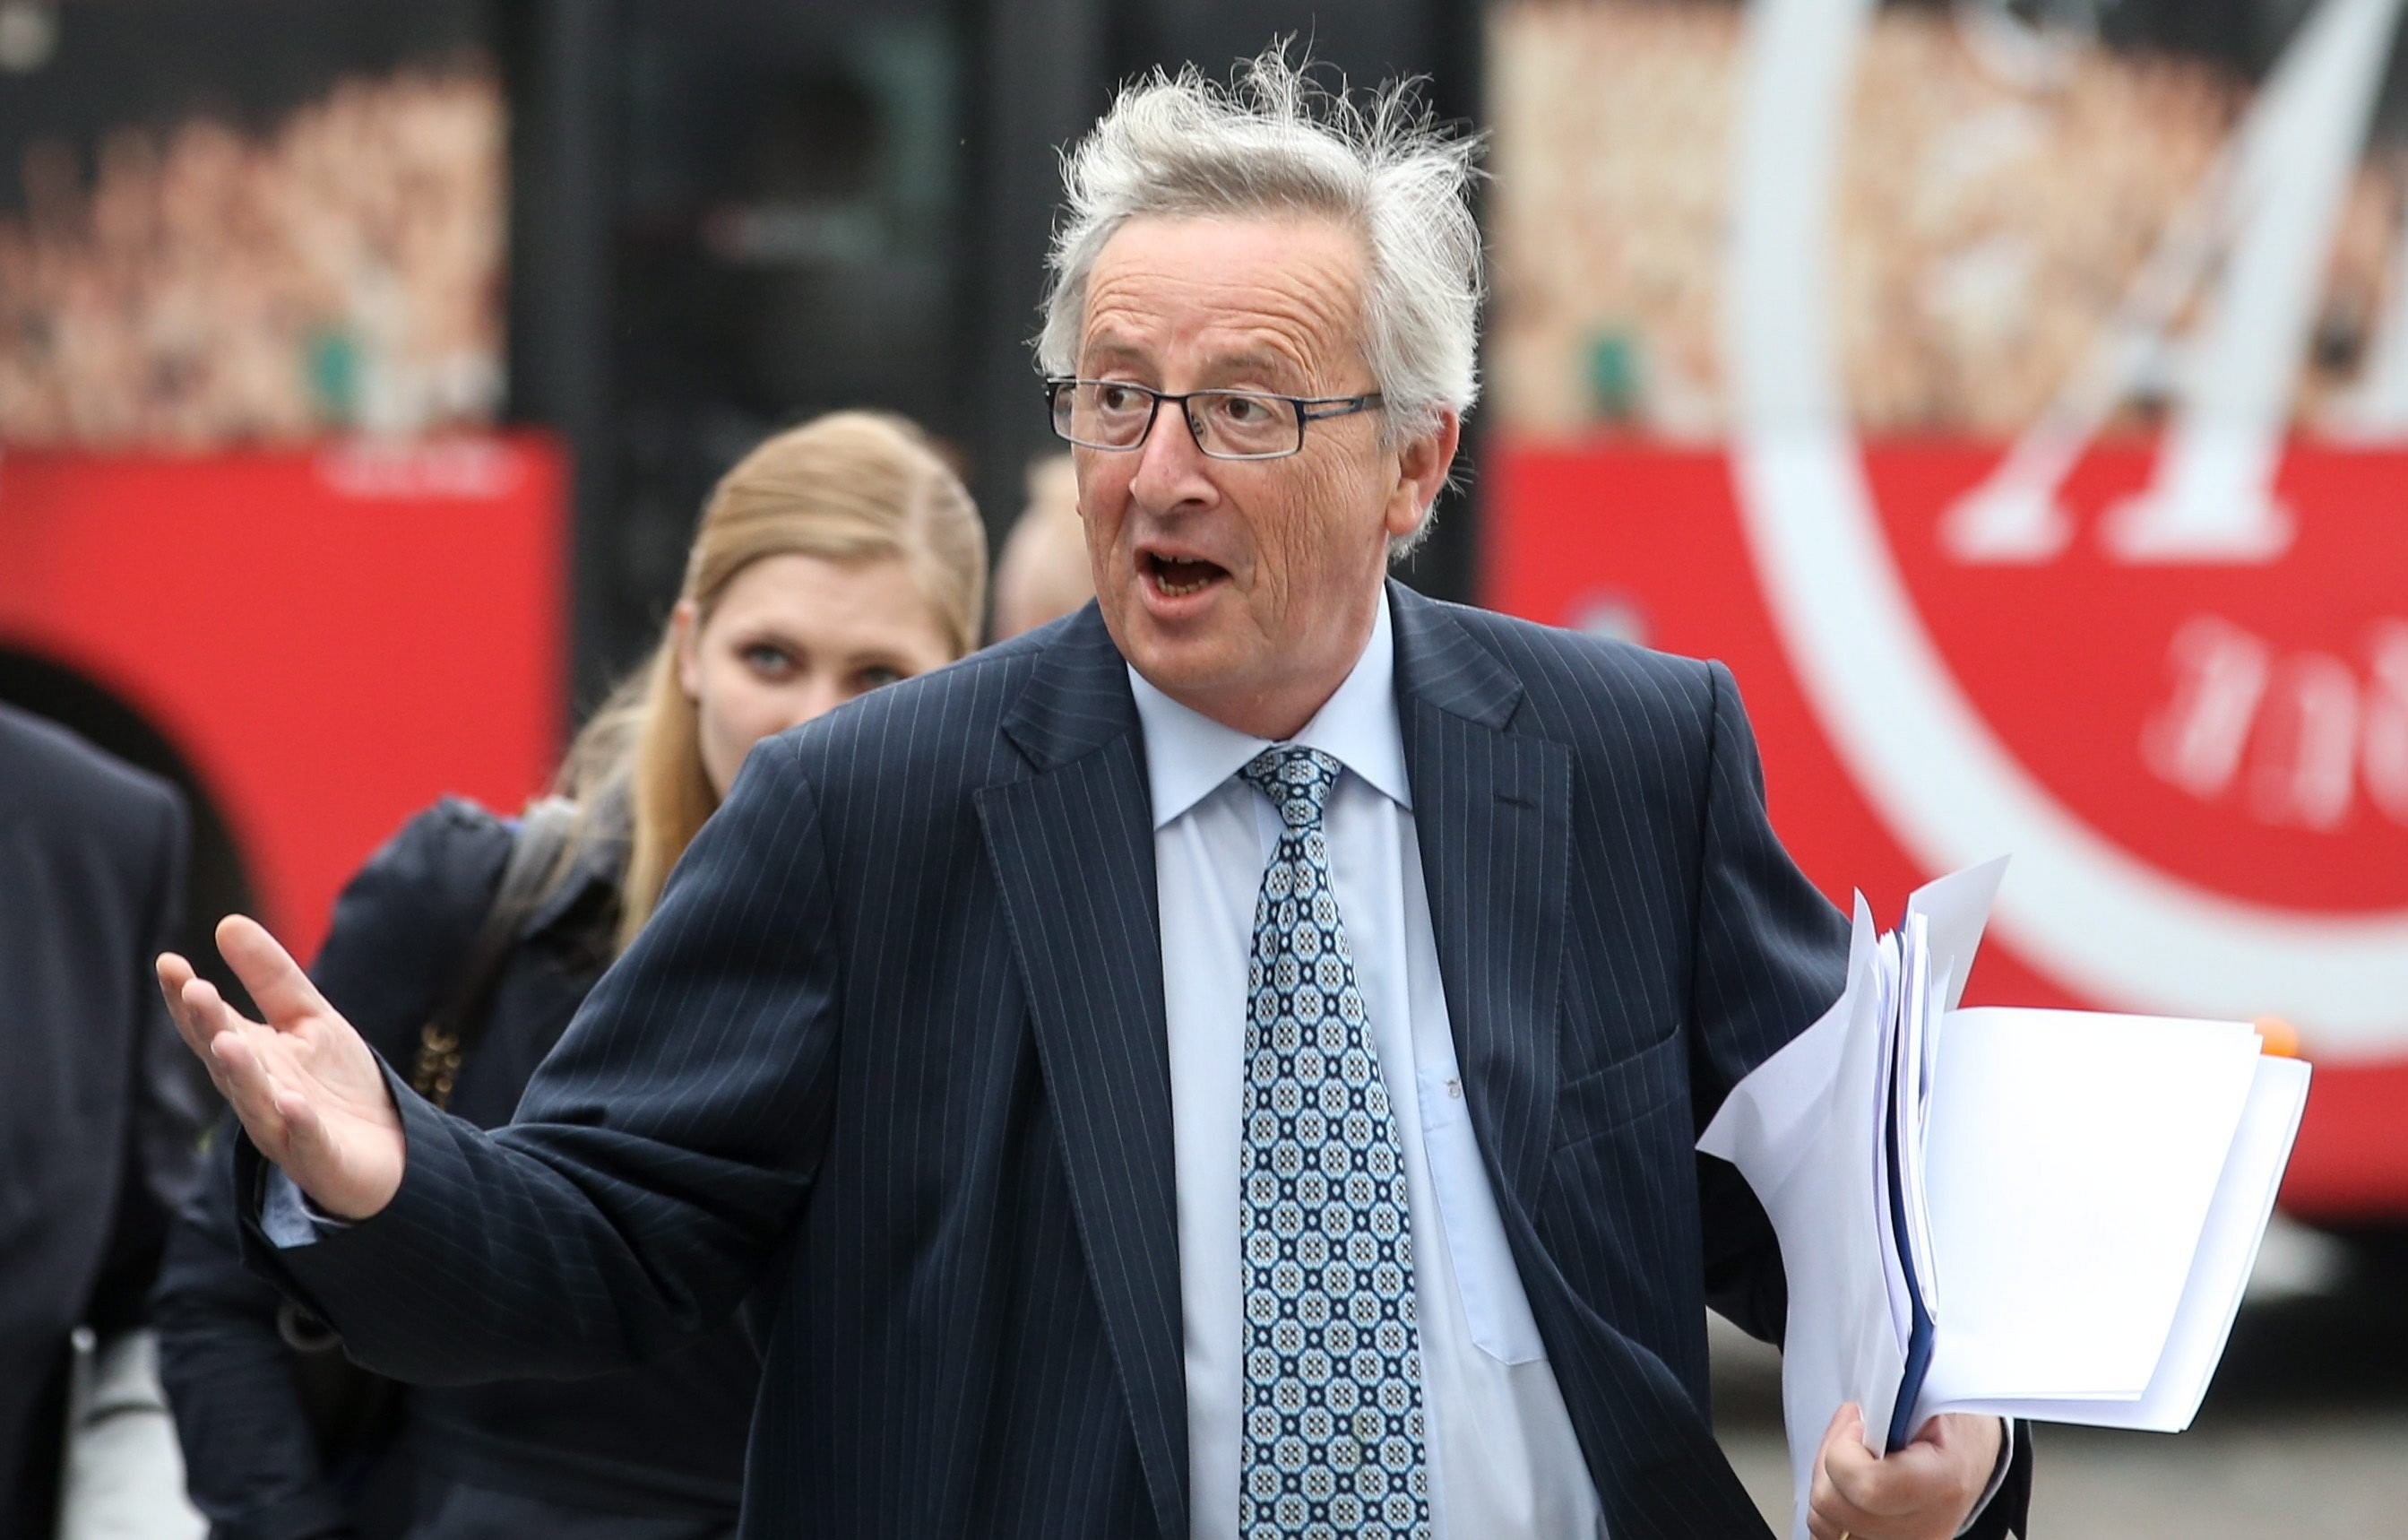 EU-Kommissionspräsident Jean-Claude Juncker soll als Premier und Finanzminister Luxemburgs ein kompliziertes Steuersparmodell im Großherzogtum eingeführt haben. Dieses soll allein den deutschen Fiskus jährlich rund 20 bis 30 Milliarden Euro kosten.